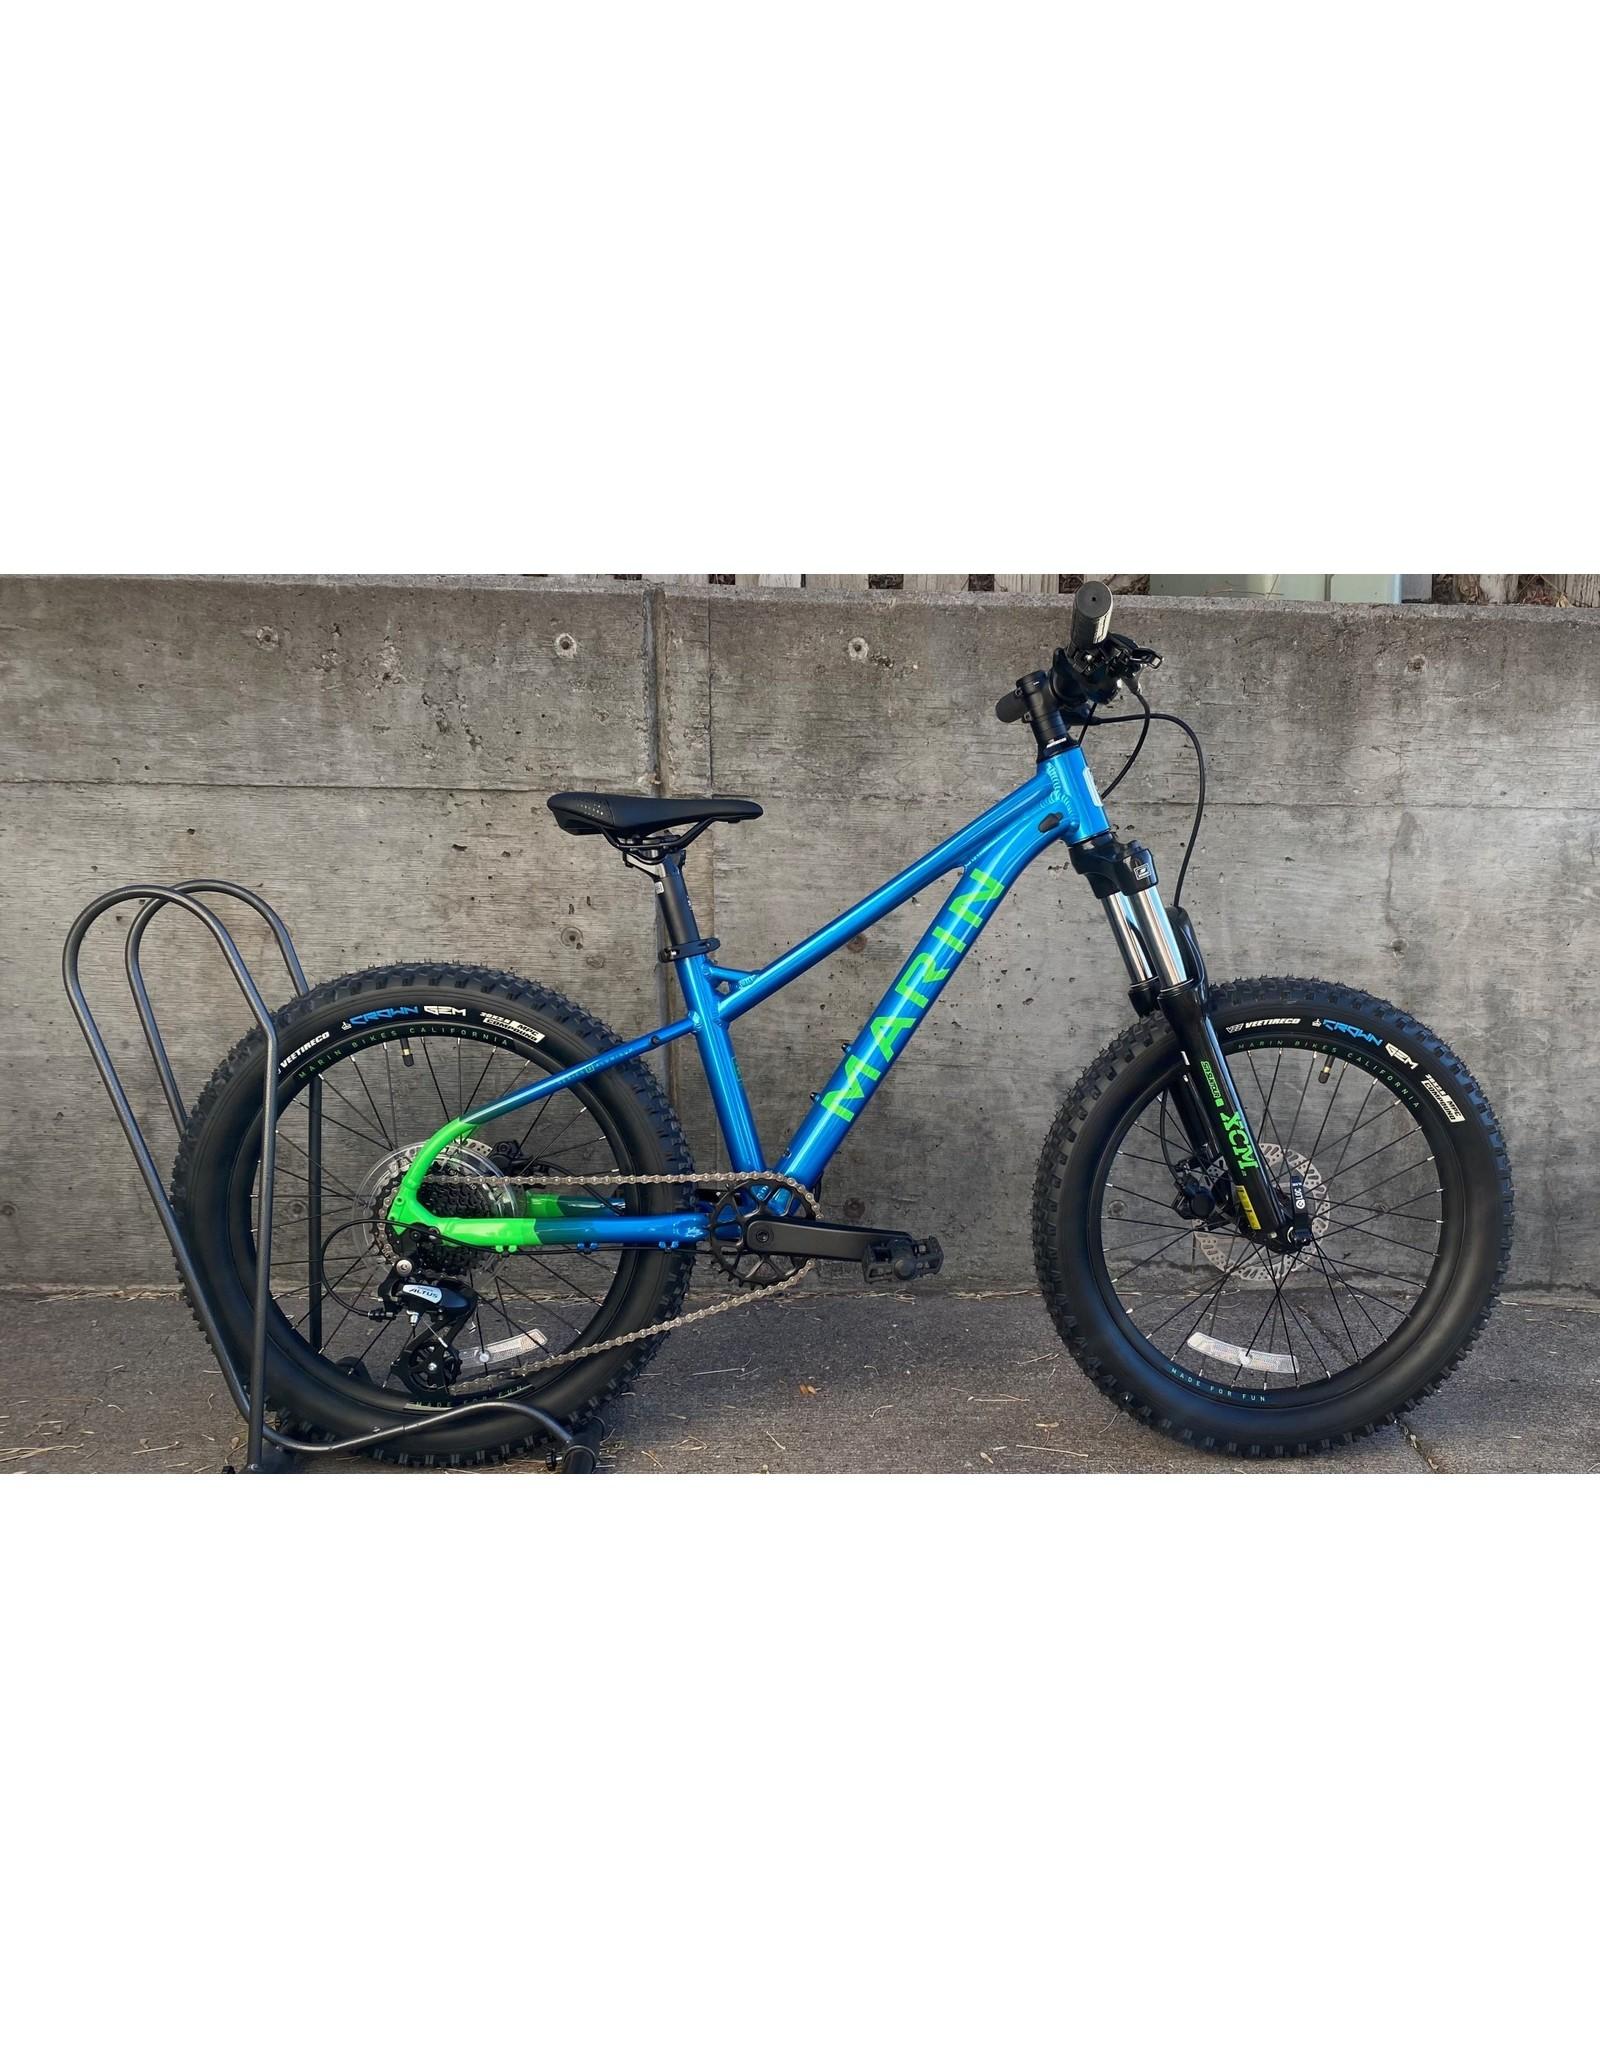 Marin Bikes 2021 Marin San Quentin 20